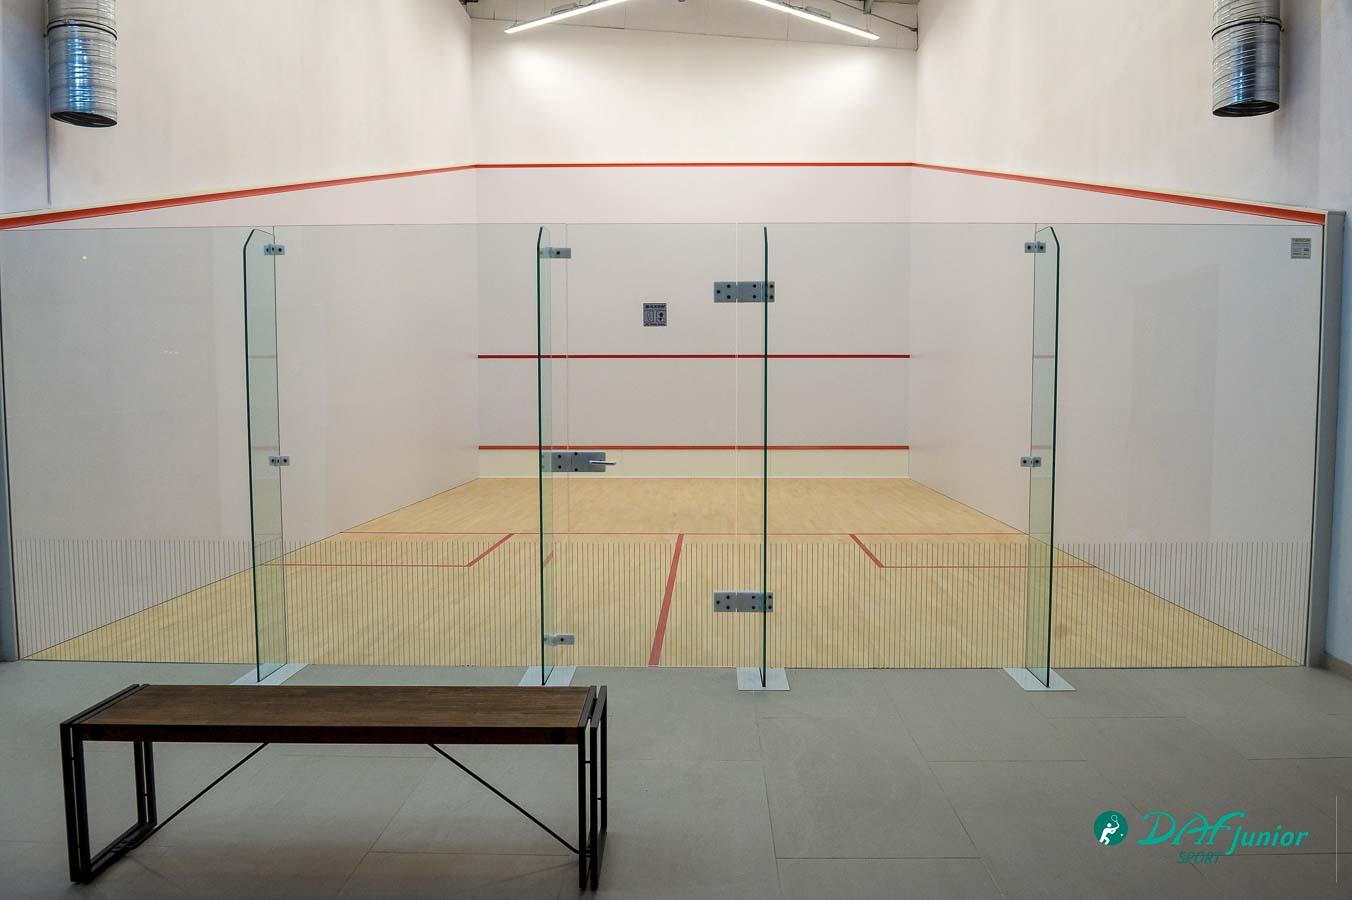 daf-sport-gallery-3